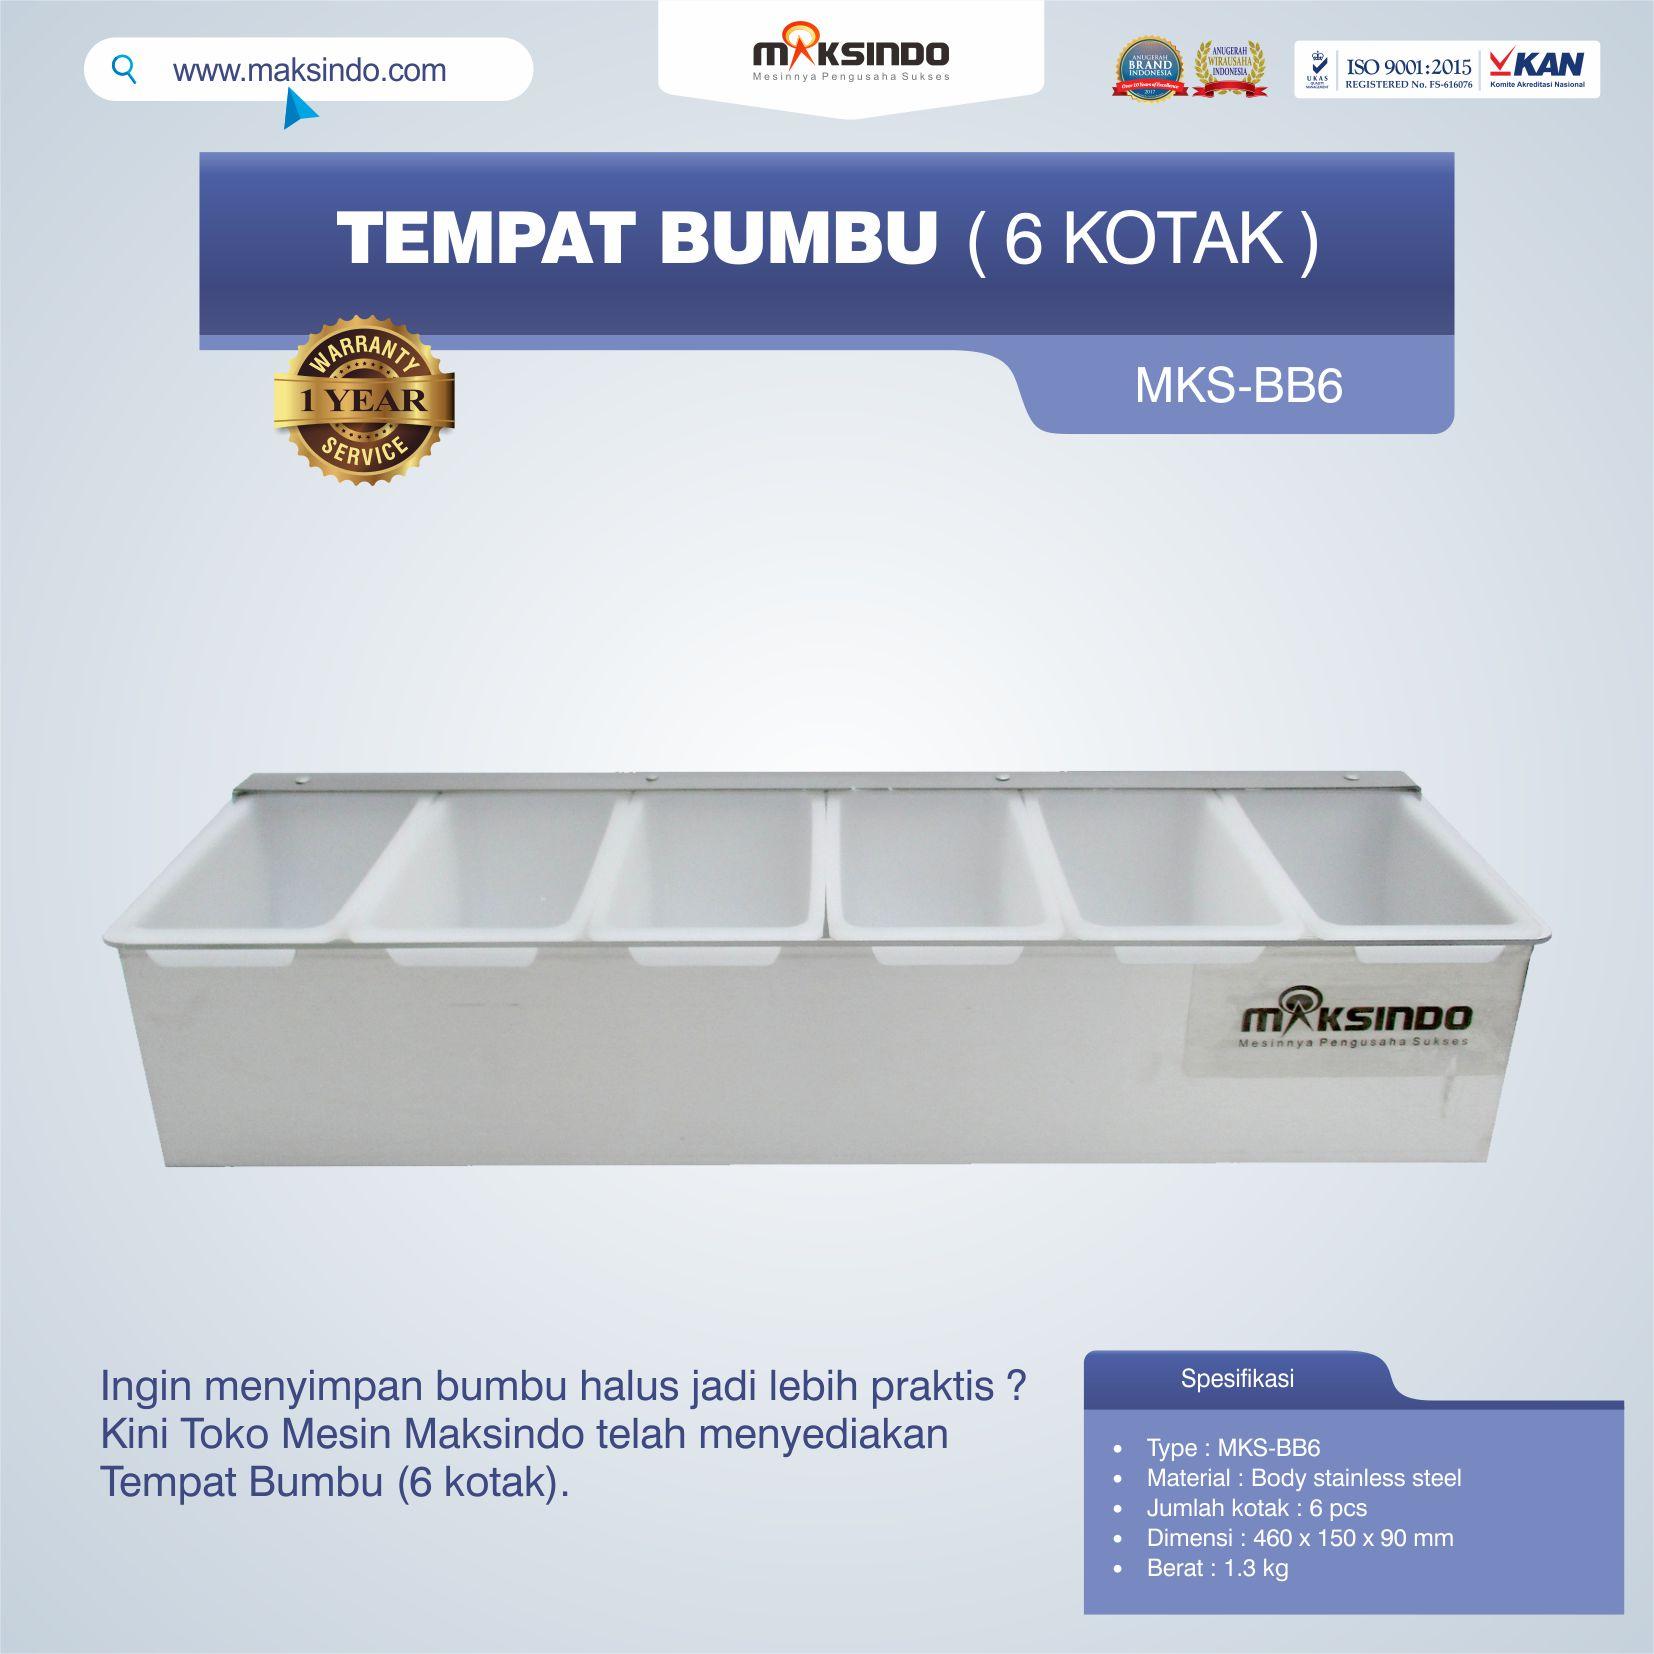 Jual Tempat Bumbu (6 kotak) di Semarang